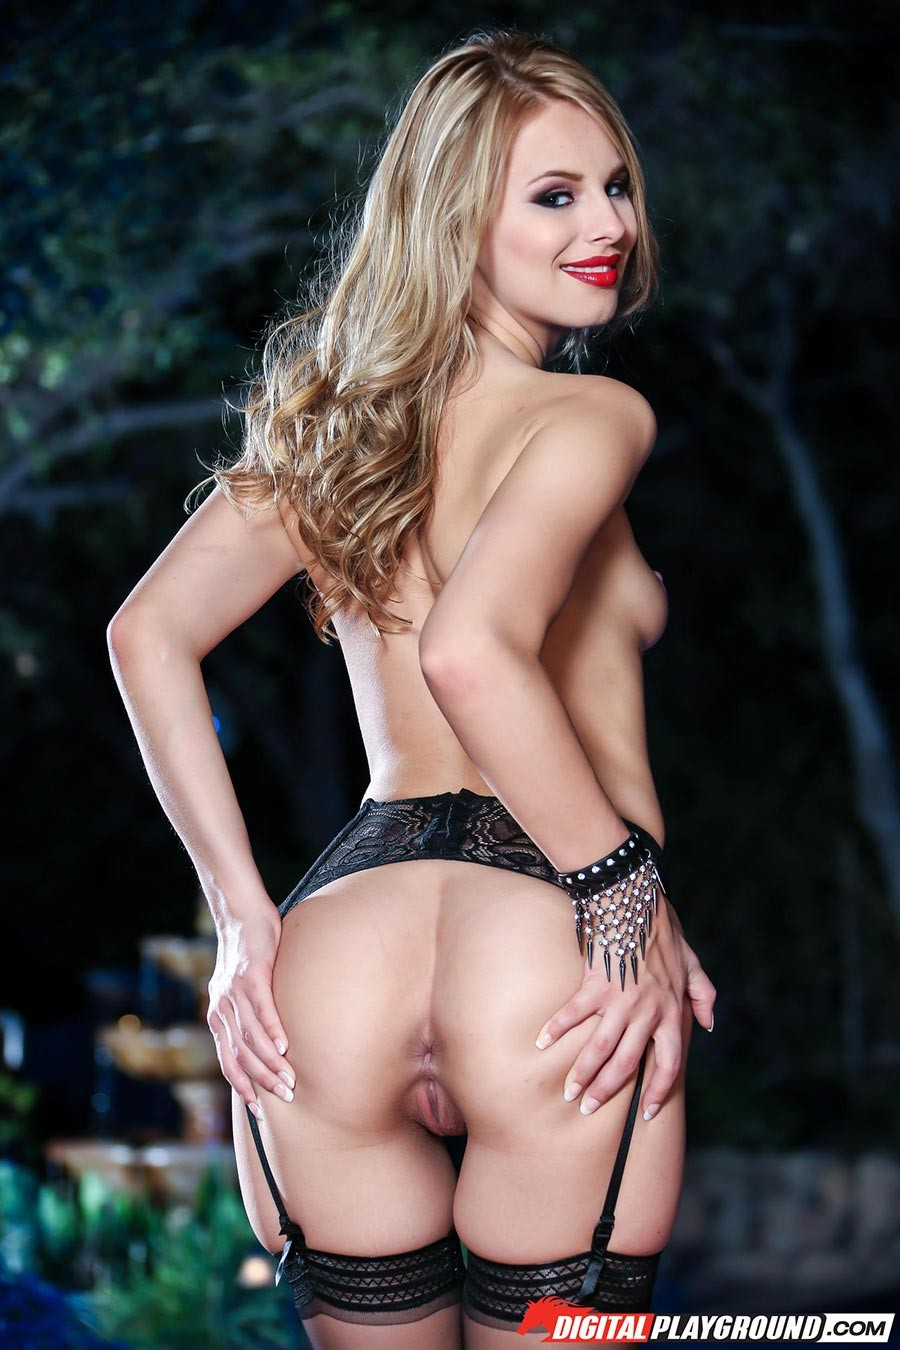 Джиллиан Дженсон - девушка с красивой фигуркой, которая любит подразнить своим телом